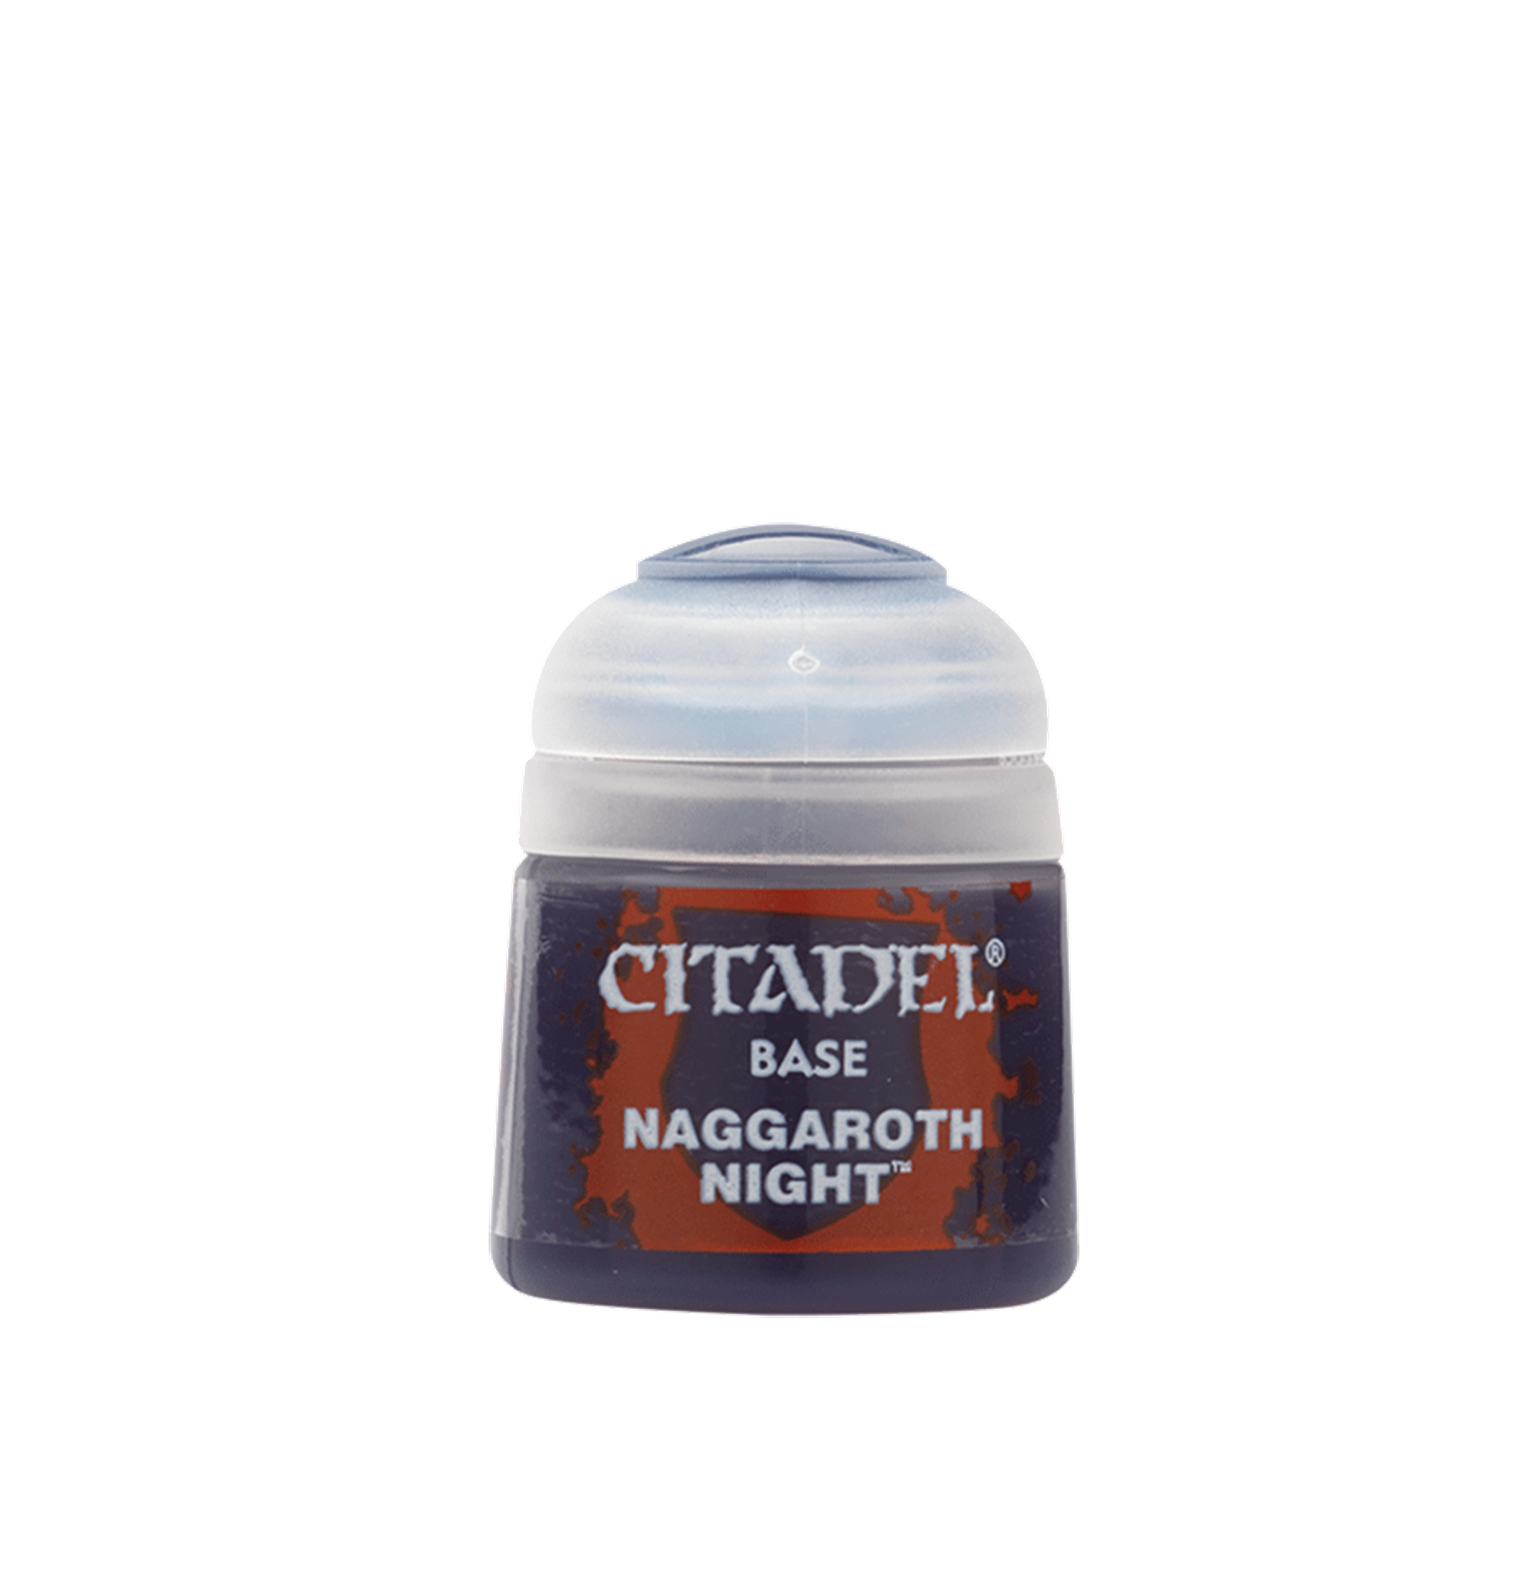 CITADEL BASE NAGGAROTH NIGHT PAINT POT